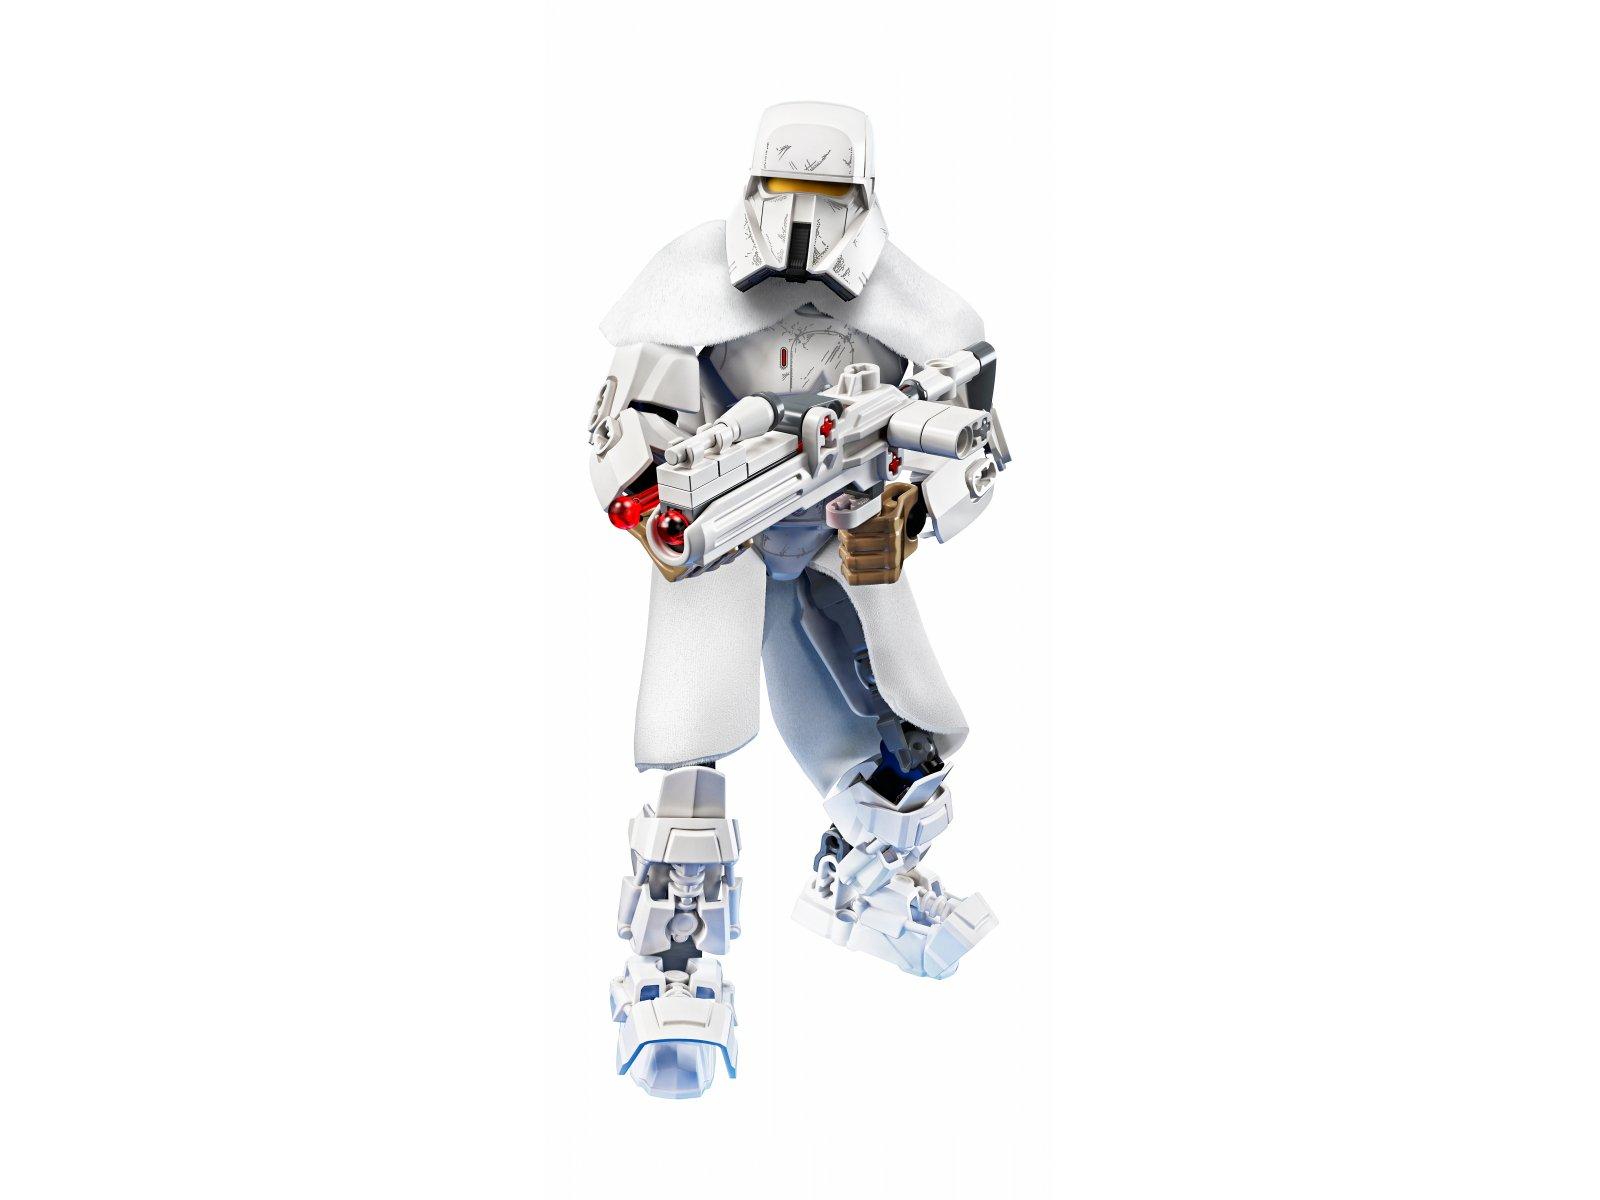 LEGO Star Wars™ Szturmowiec - strzelec